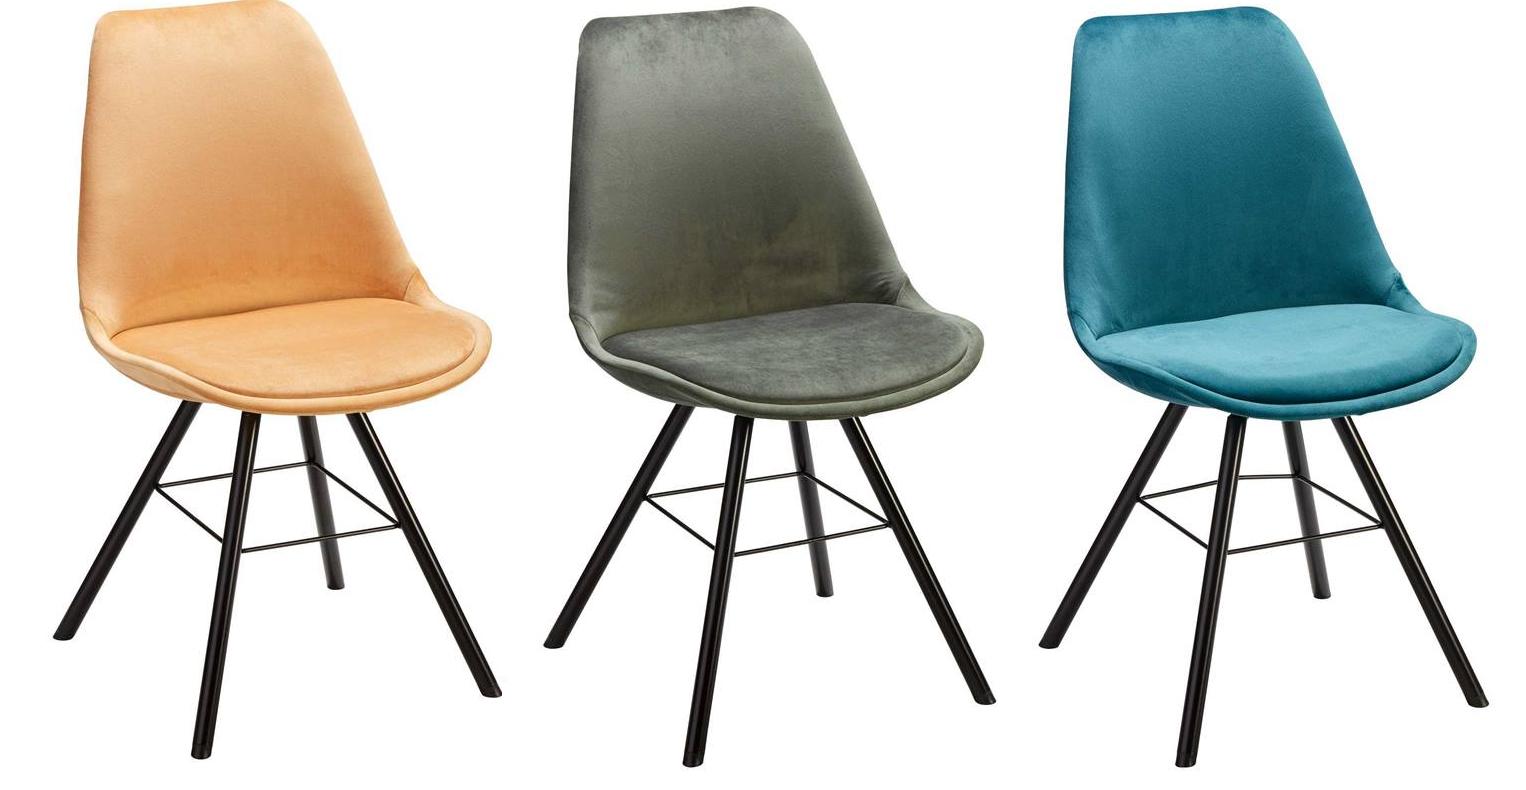 4 stoelen velours 'Cabella' in oker, groen of petrol voor €115 (was €235) @ Kwantum